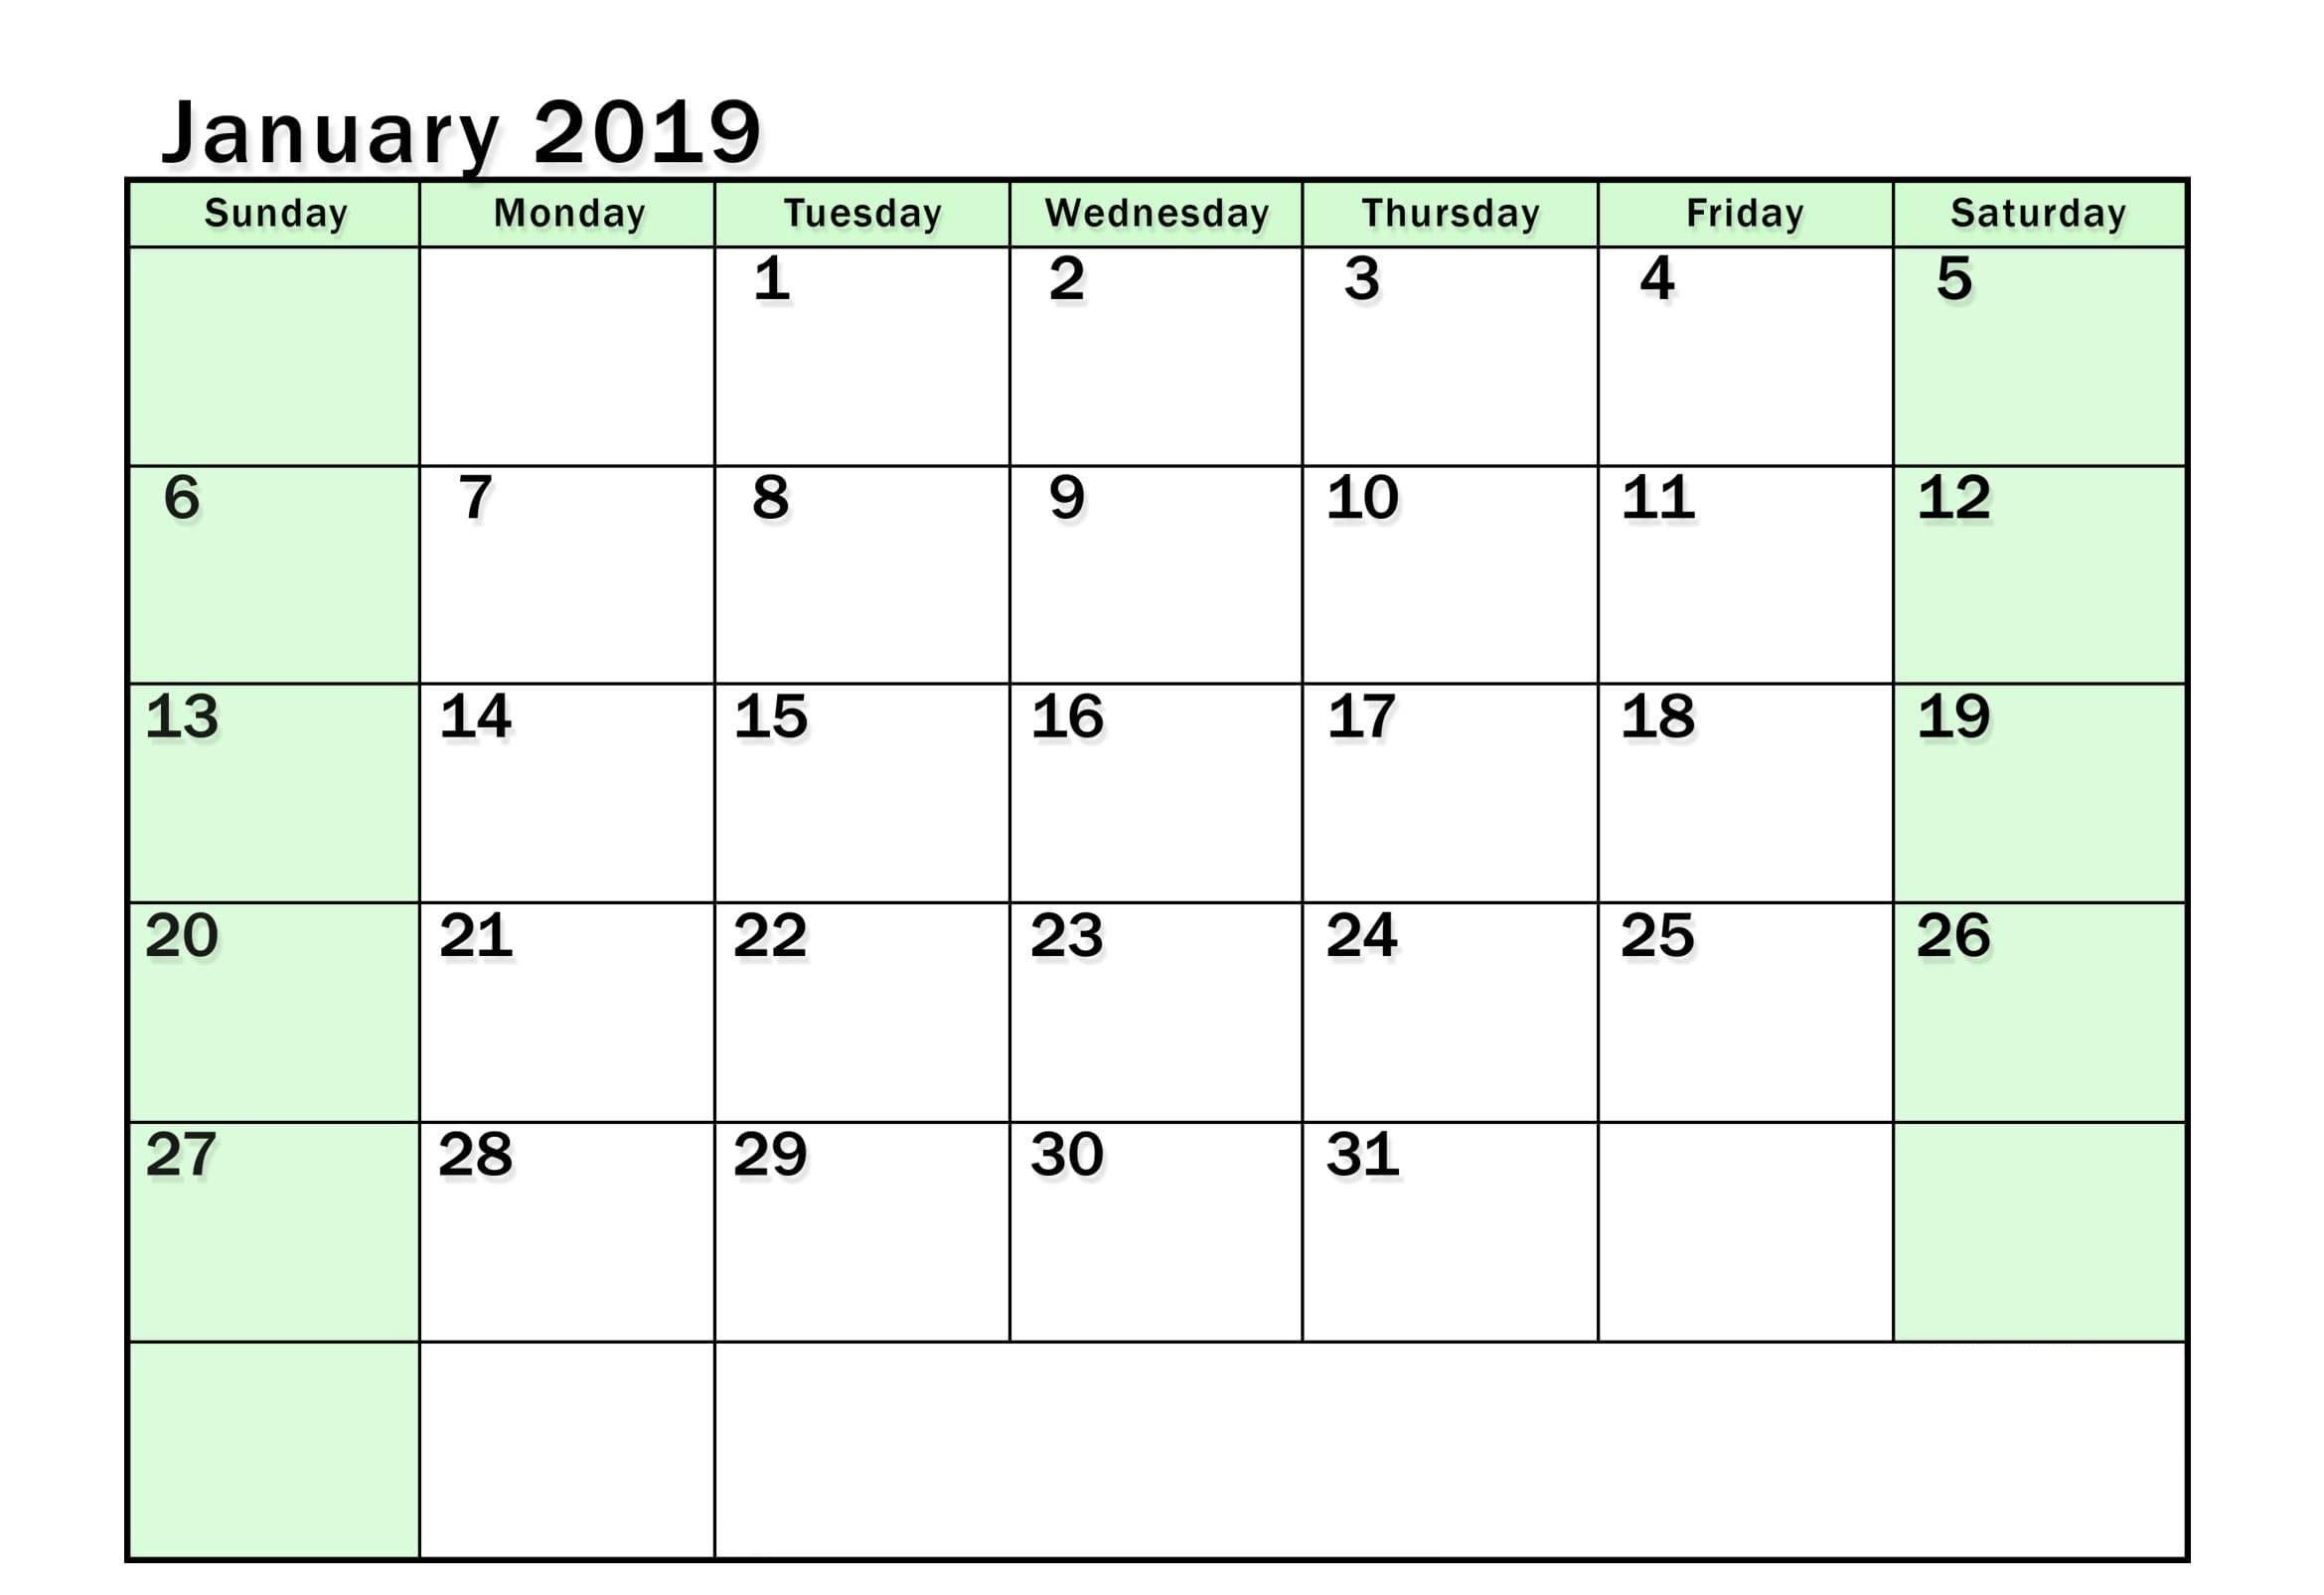 January 2019 Calendar Word Document